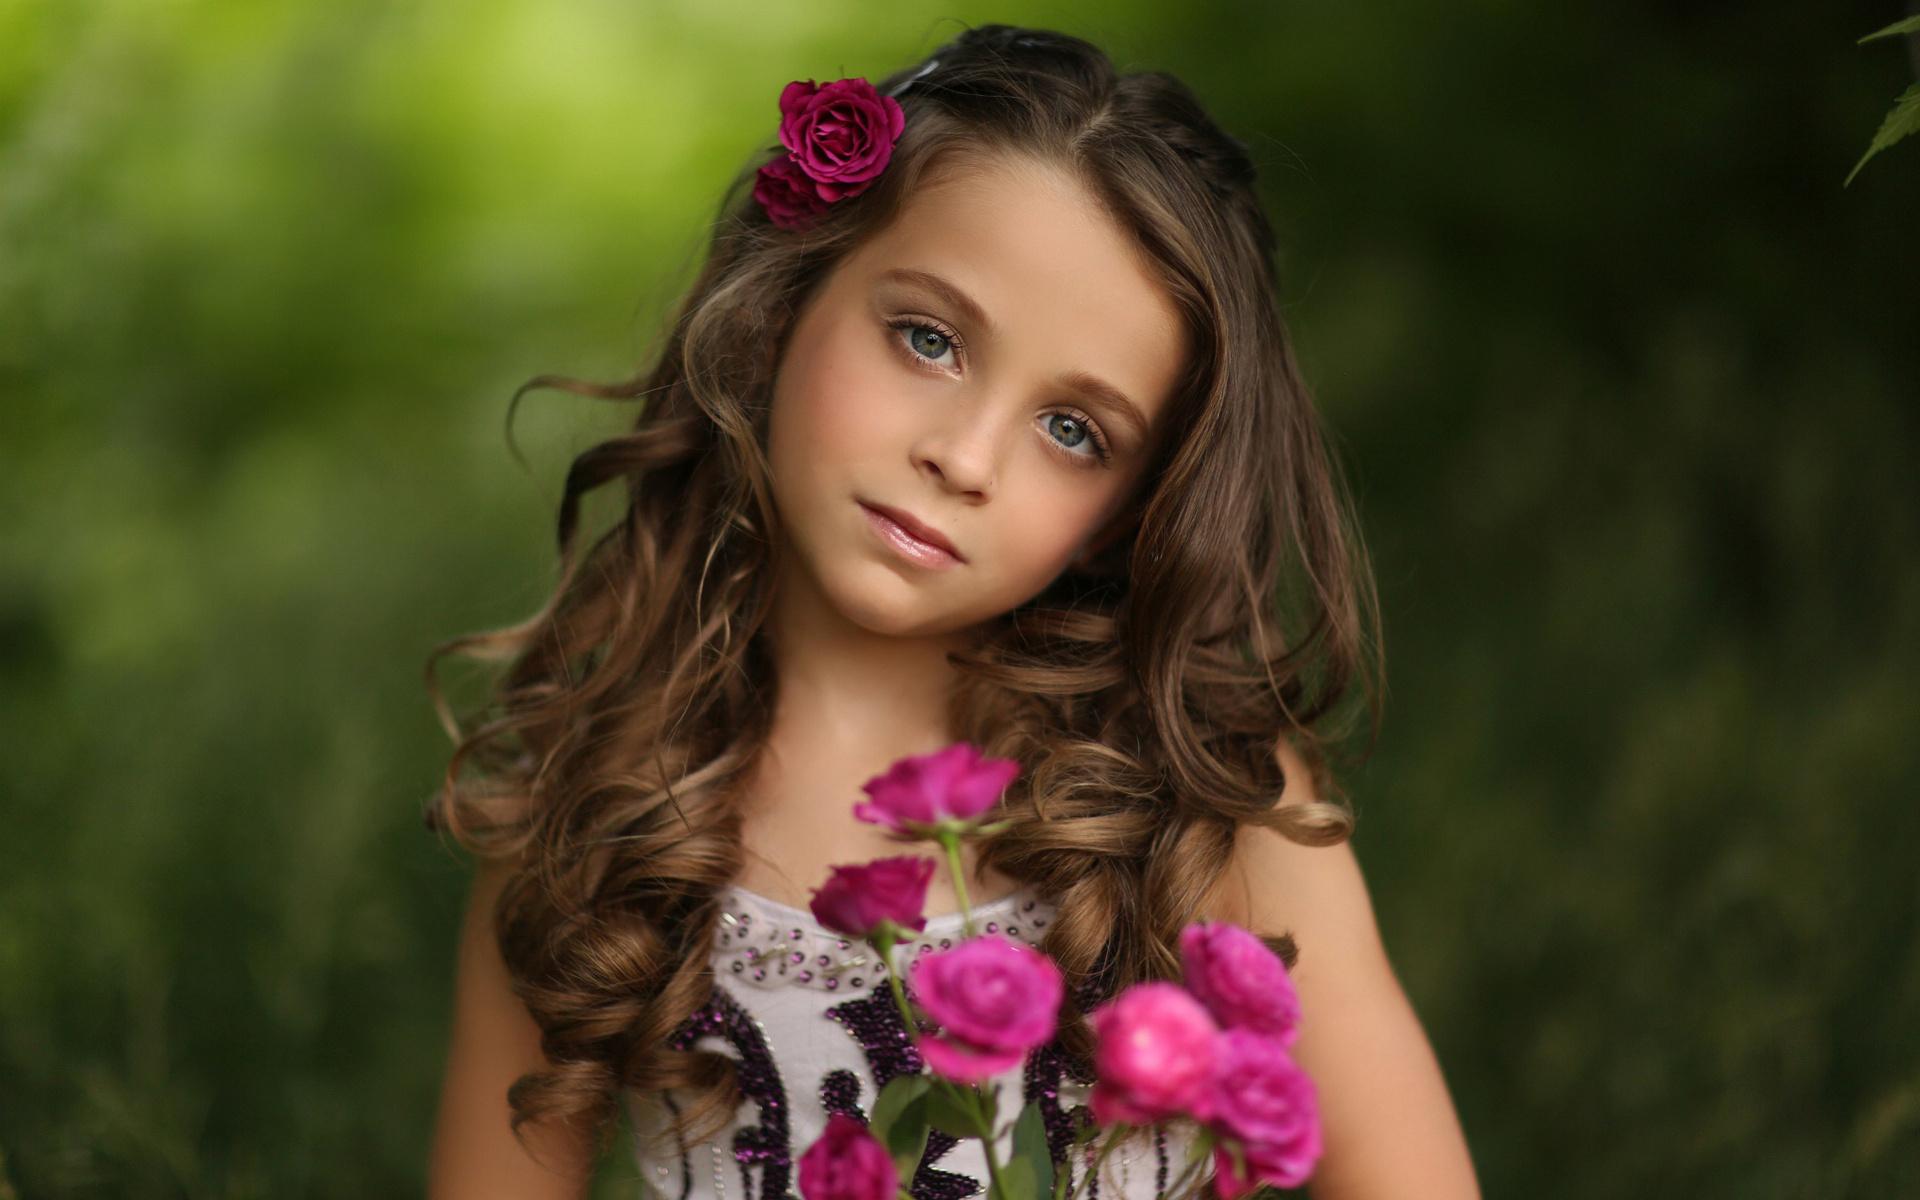 десятые цветные фотографии и картинки молодых девчонок должны